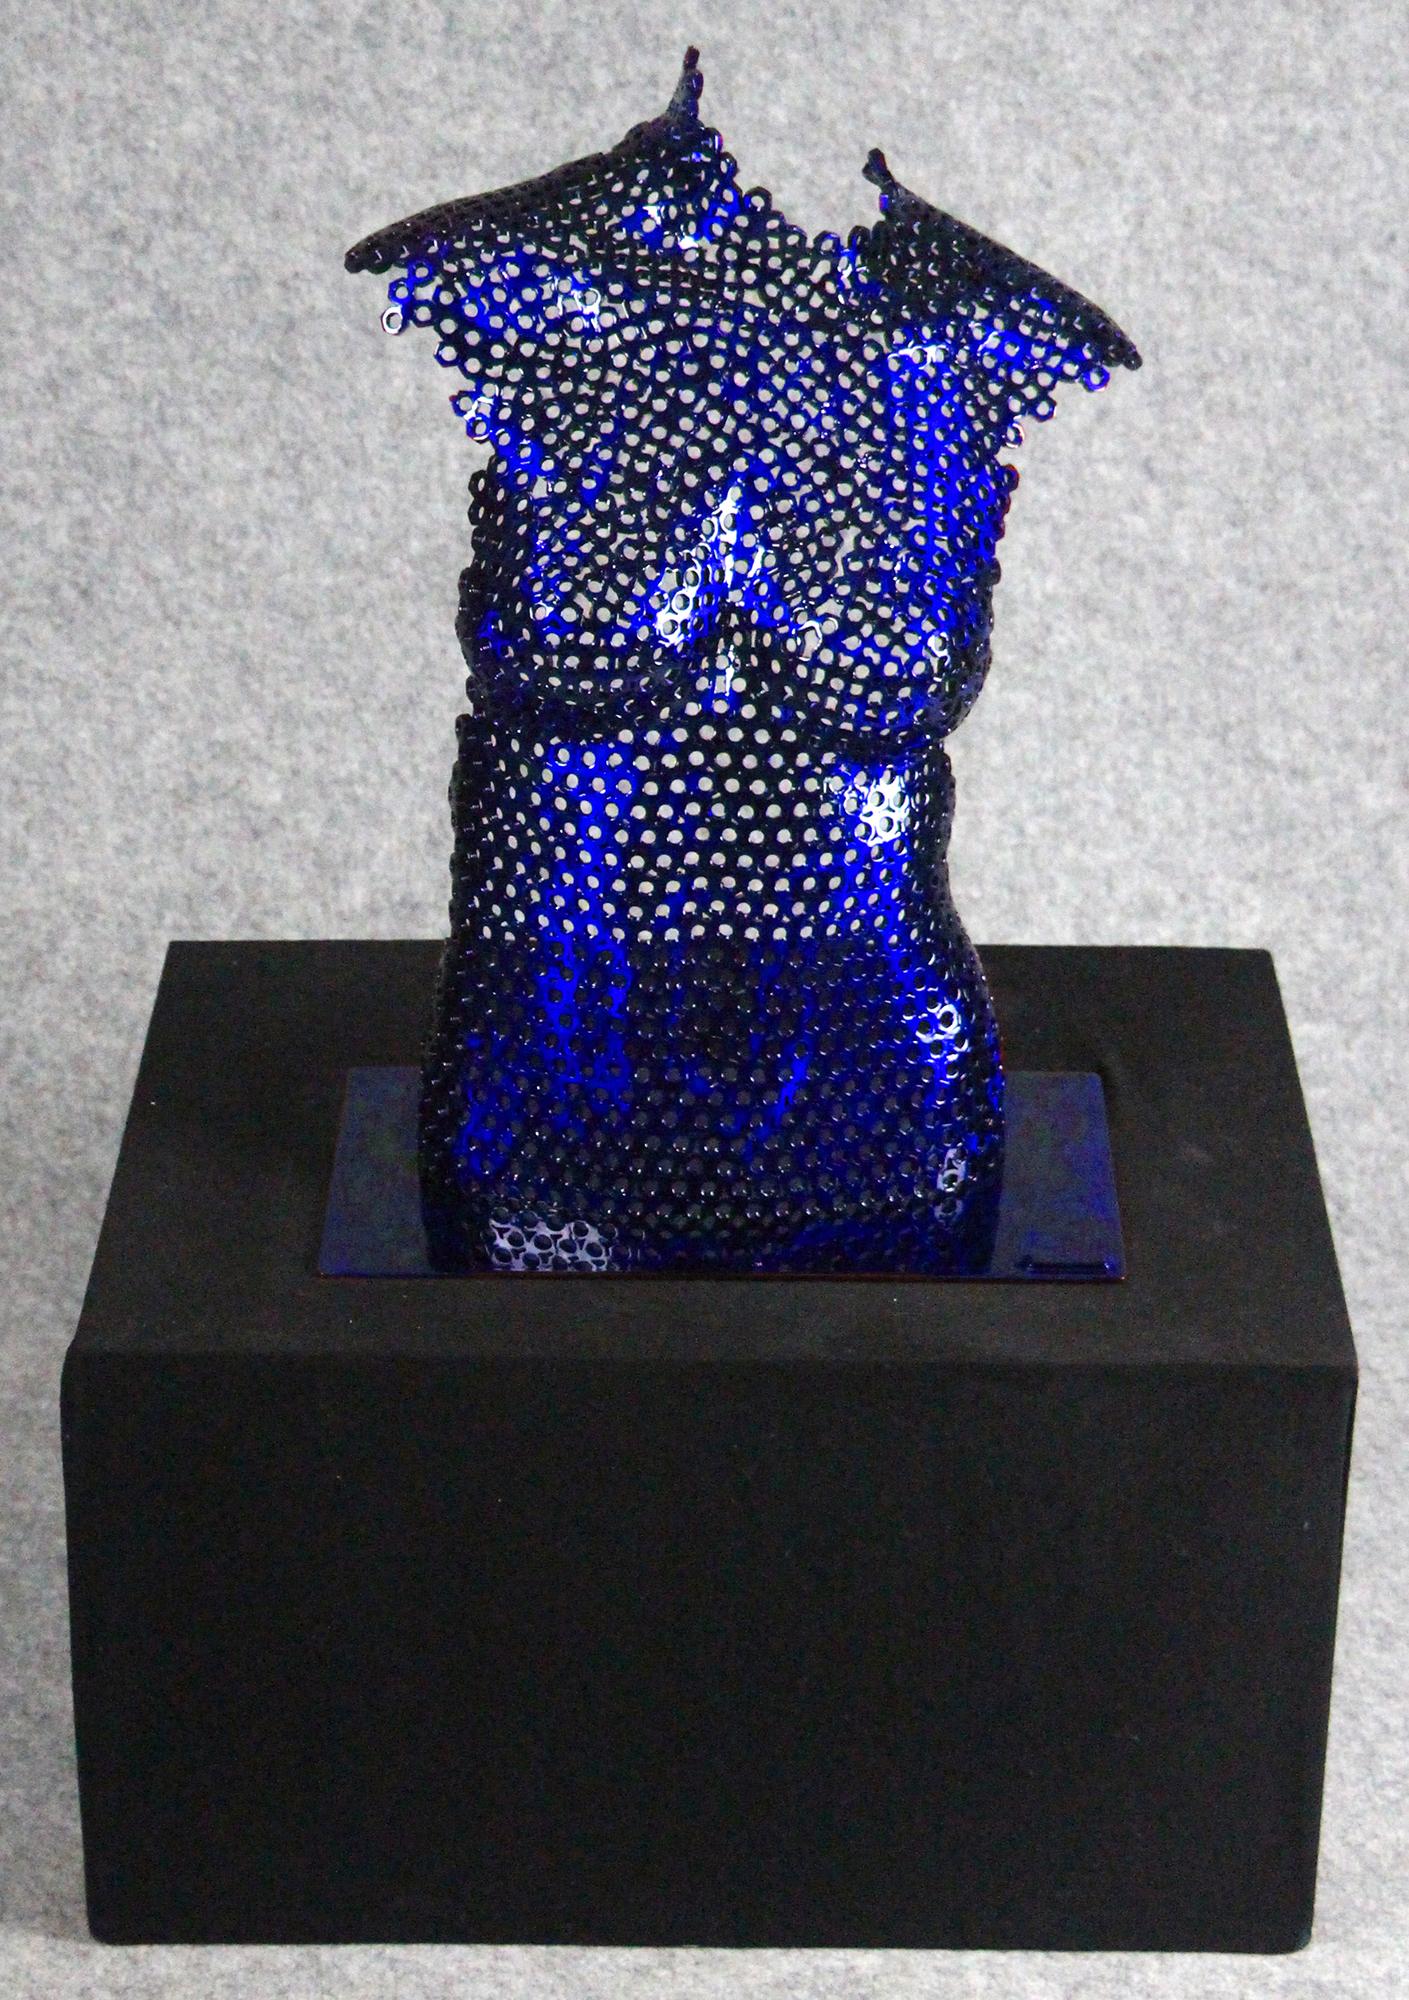 VYKI - Mademoiselle (Blue) , 4506-011-008